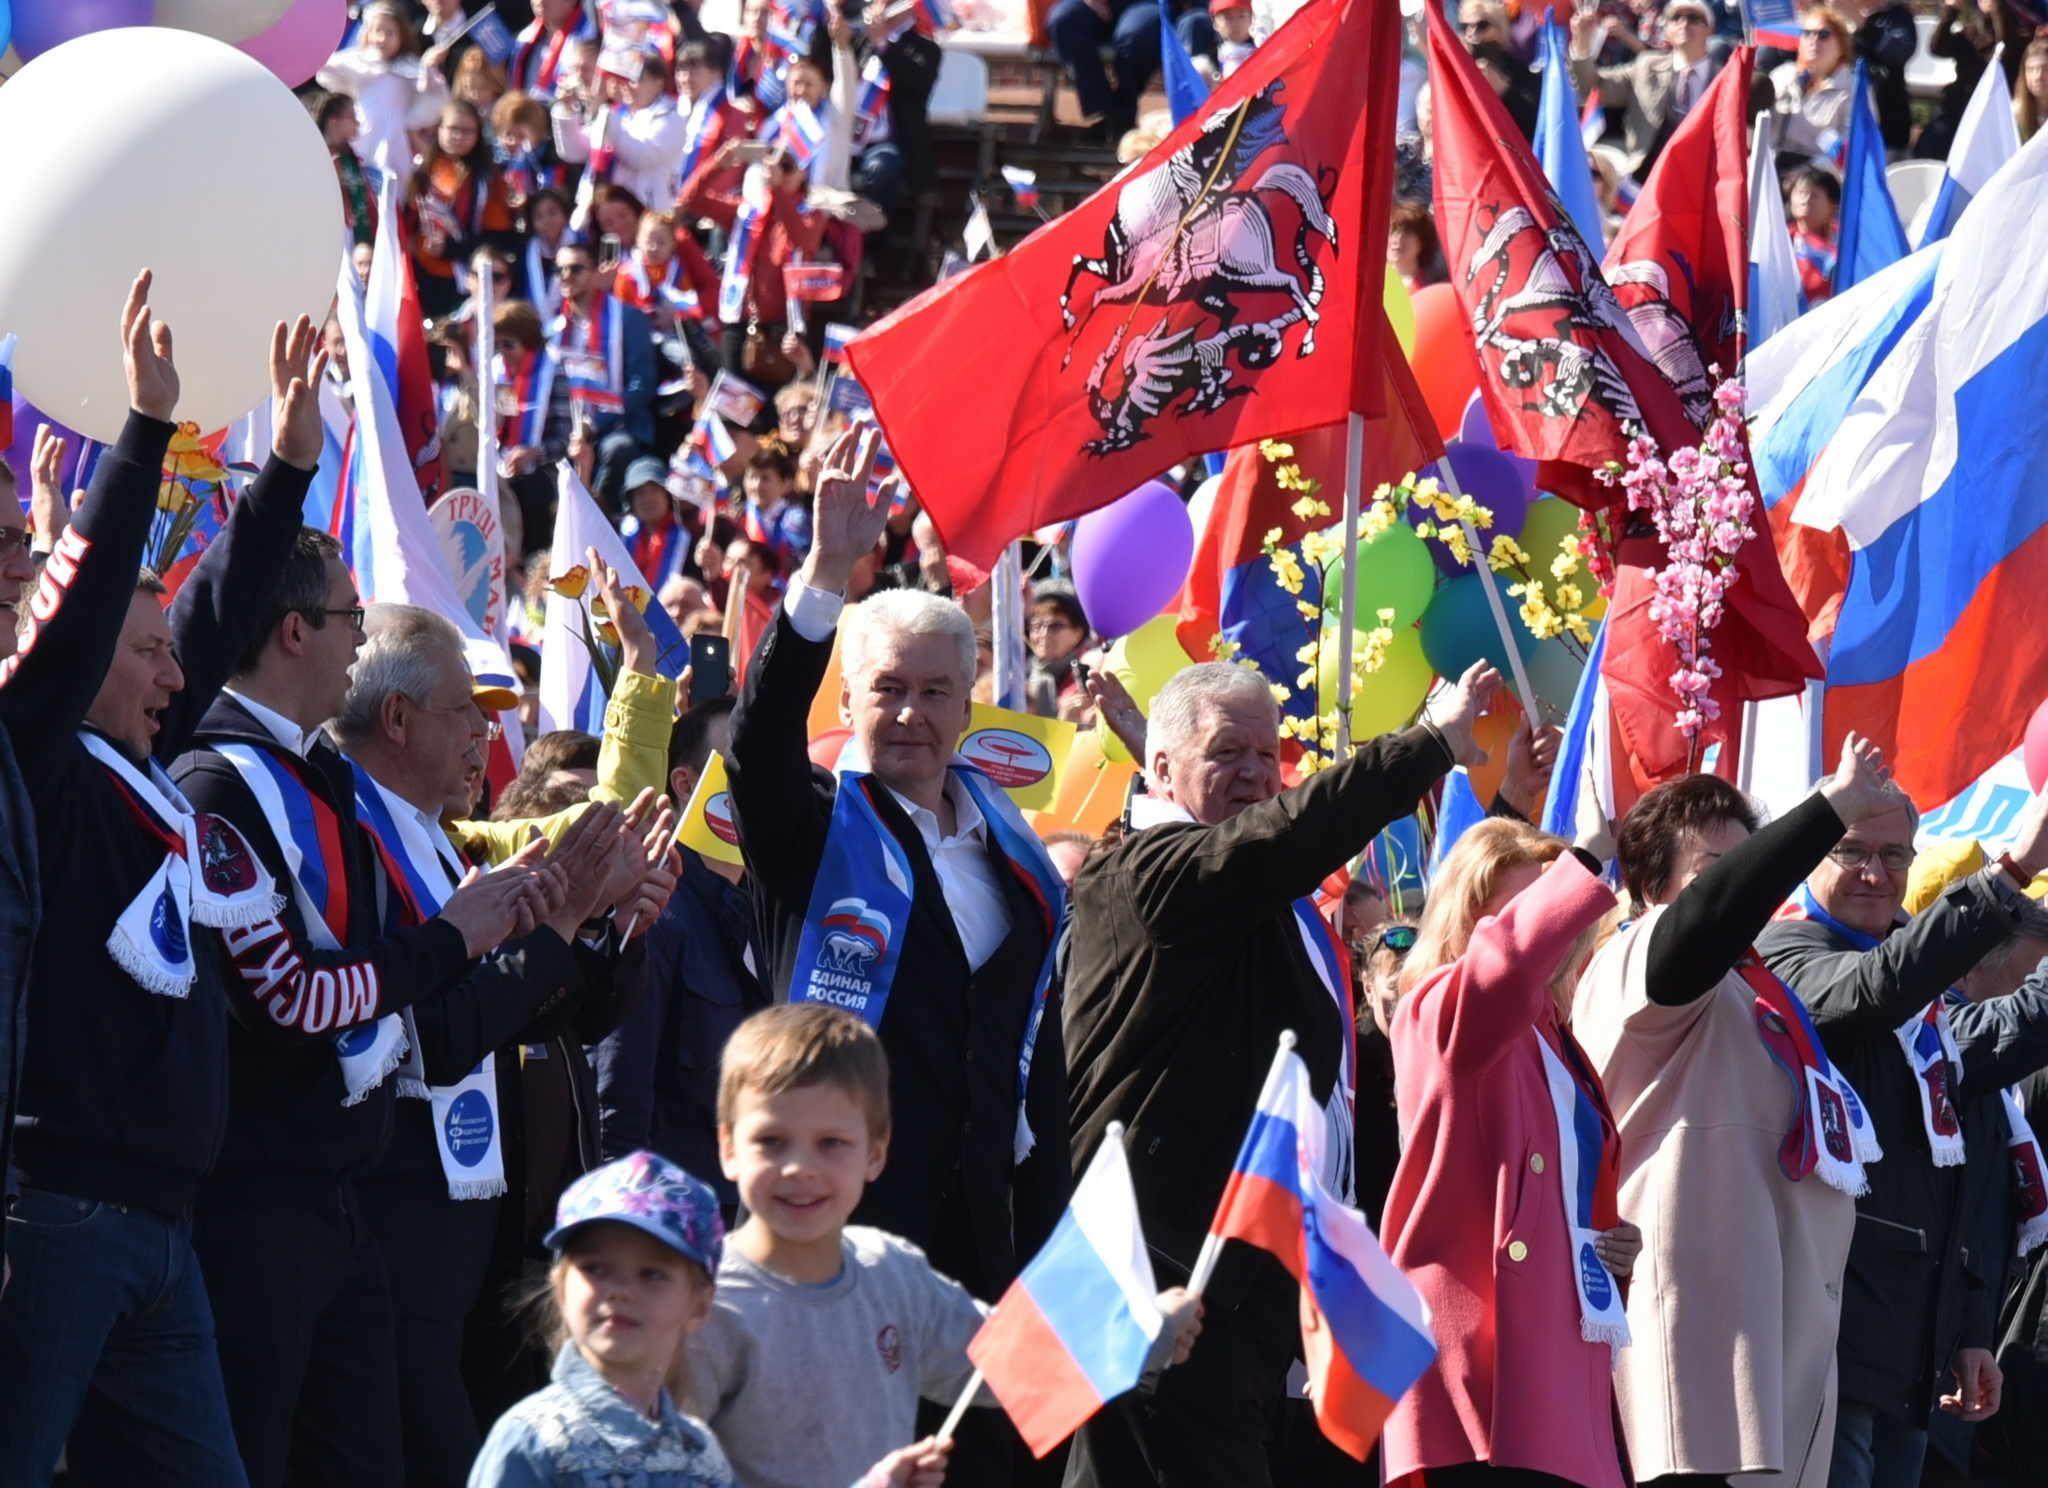 Сергей Собянин возглавил шествие профсоюзов в Москве